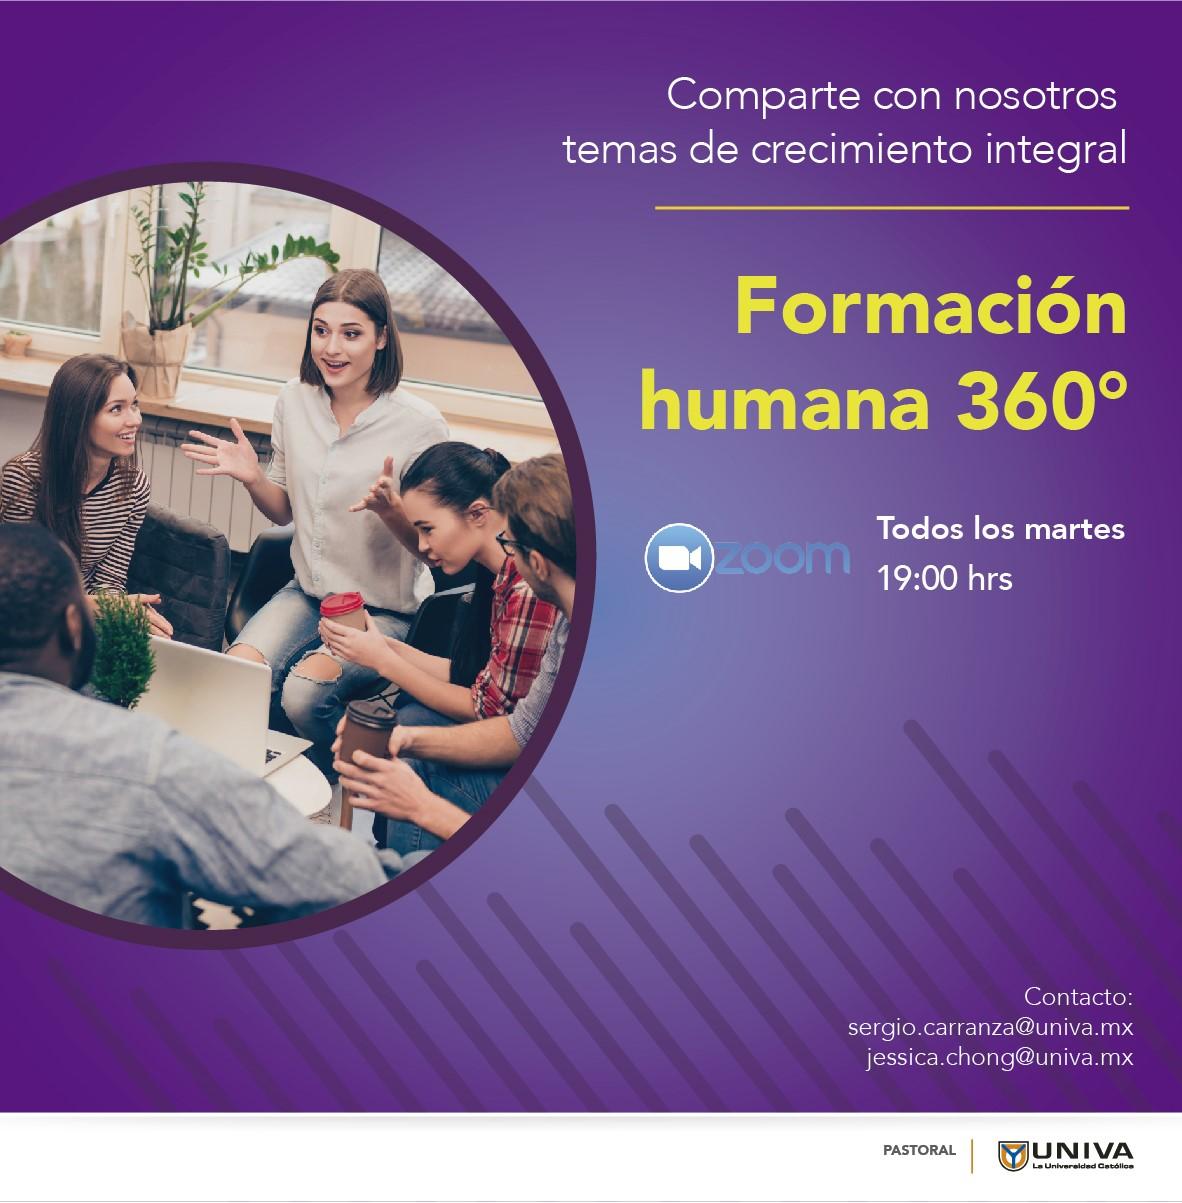 Formación humana 360º